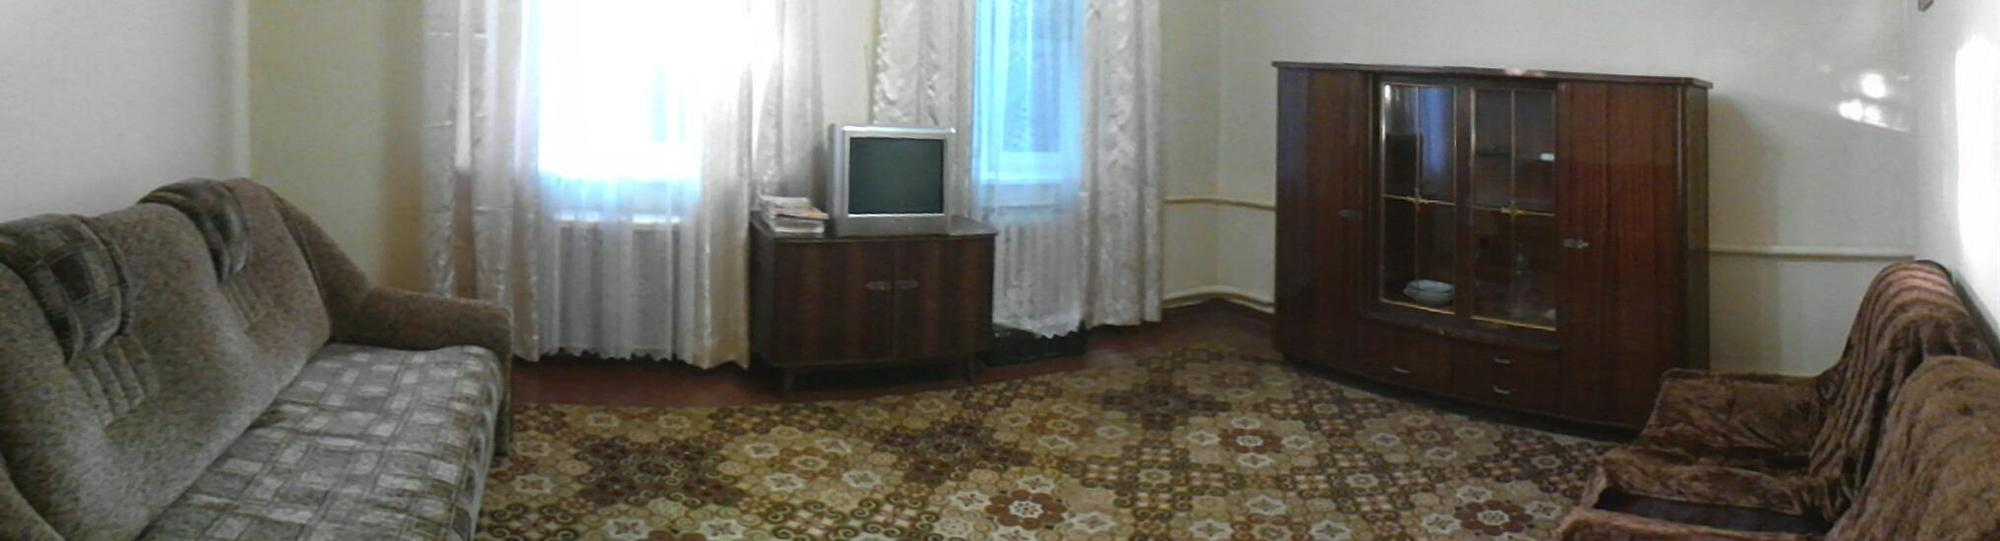 Сдам долгосрочно пол дома, г. Киев                               в р-не Виноградарь                                 фото